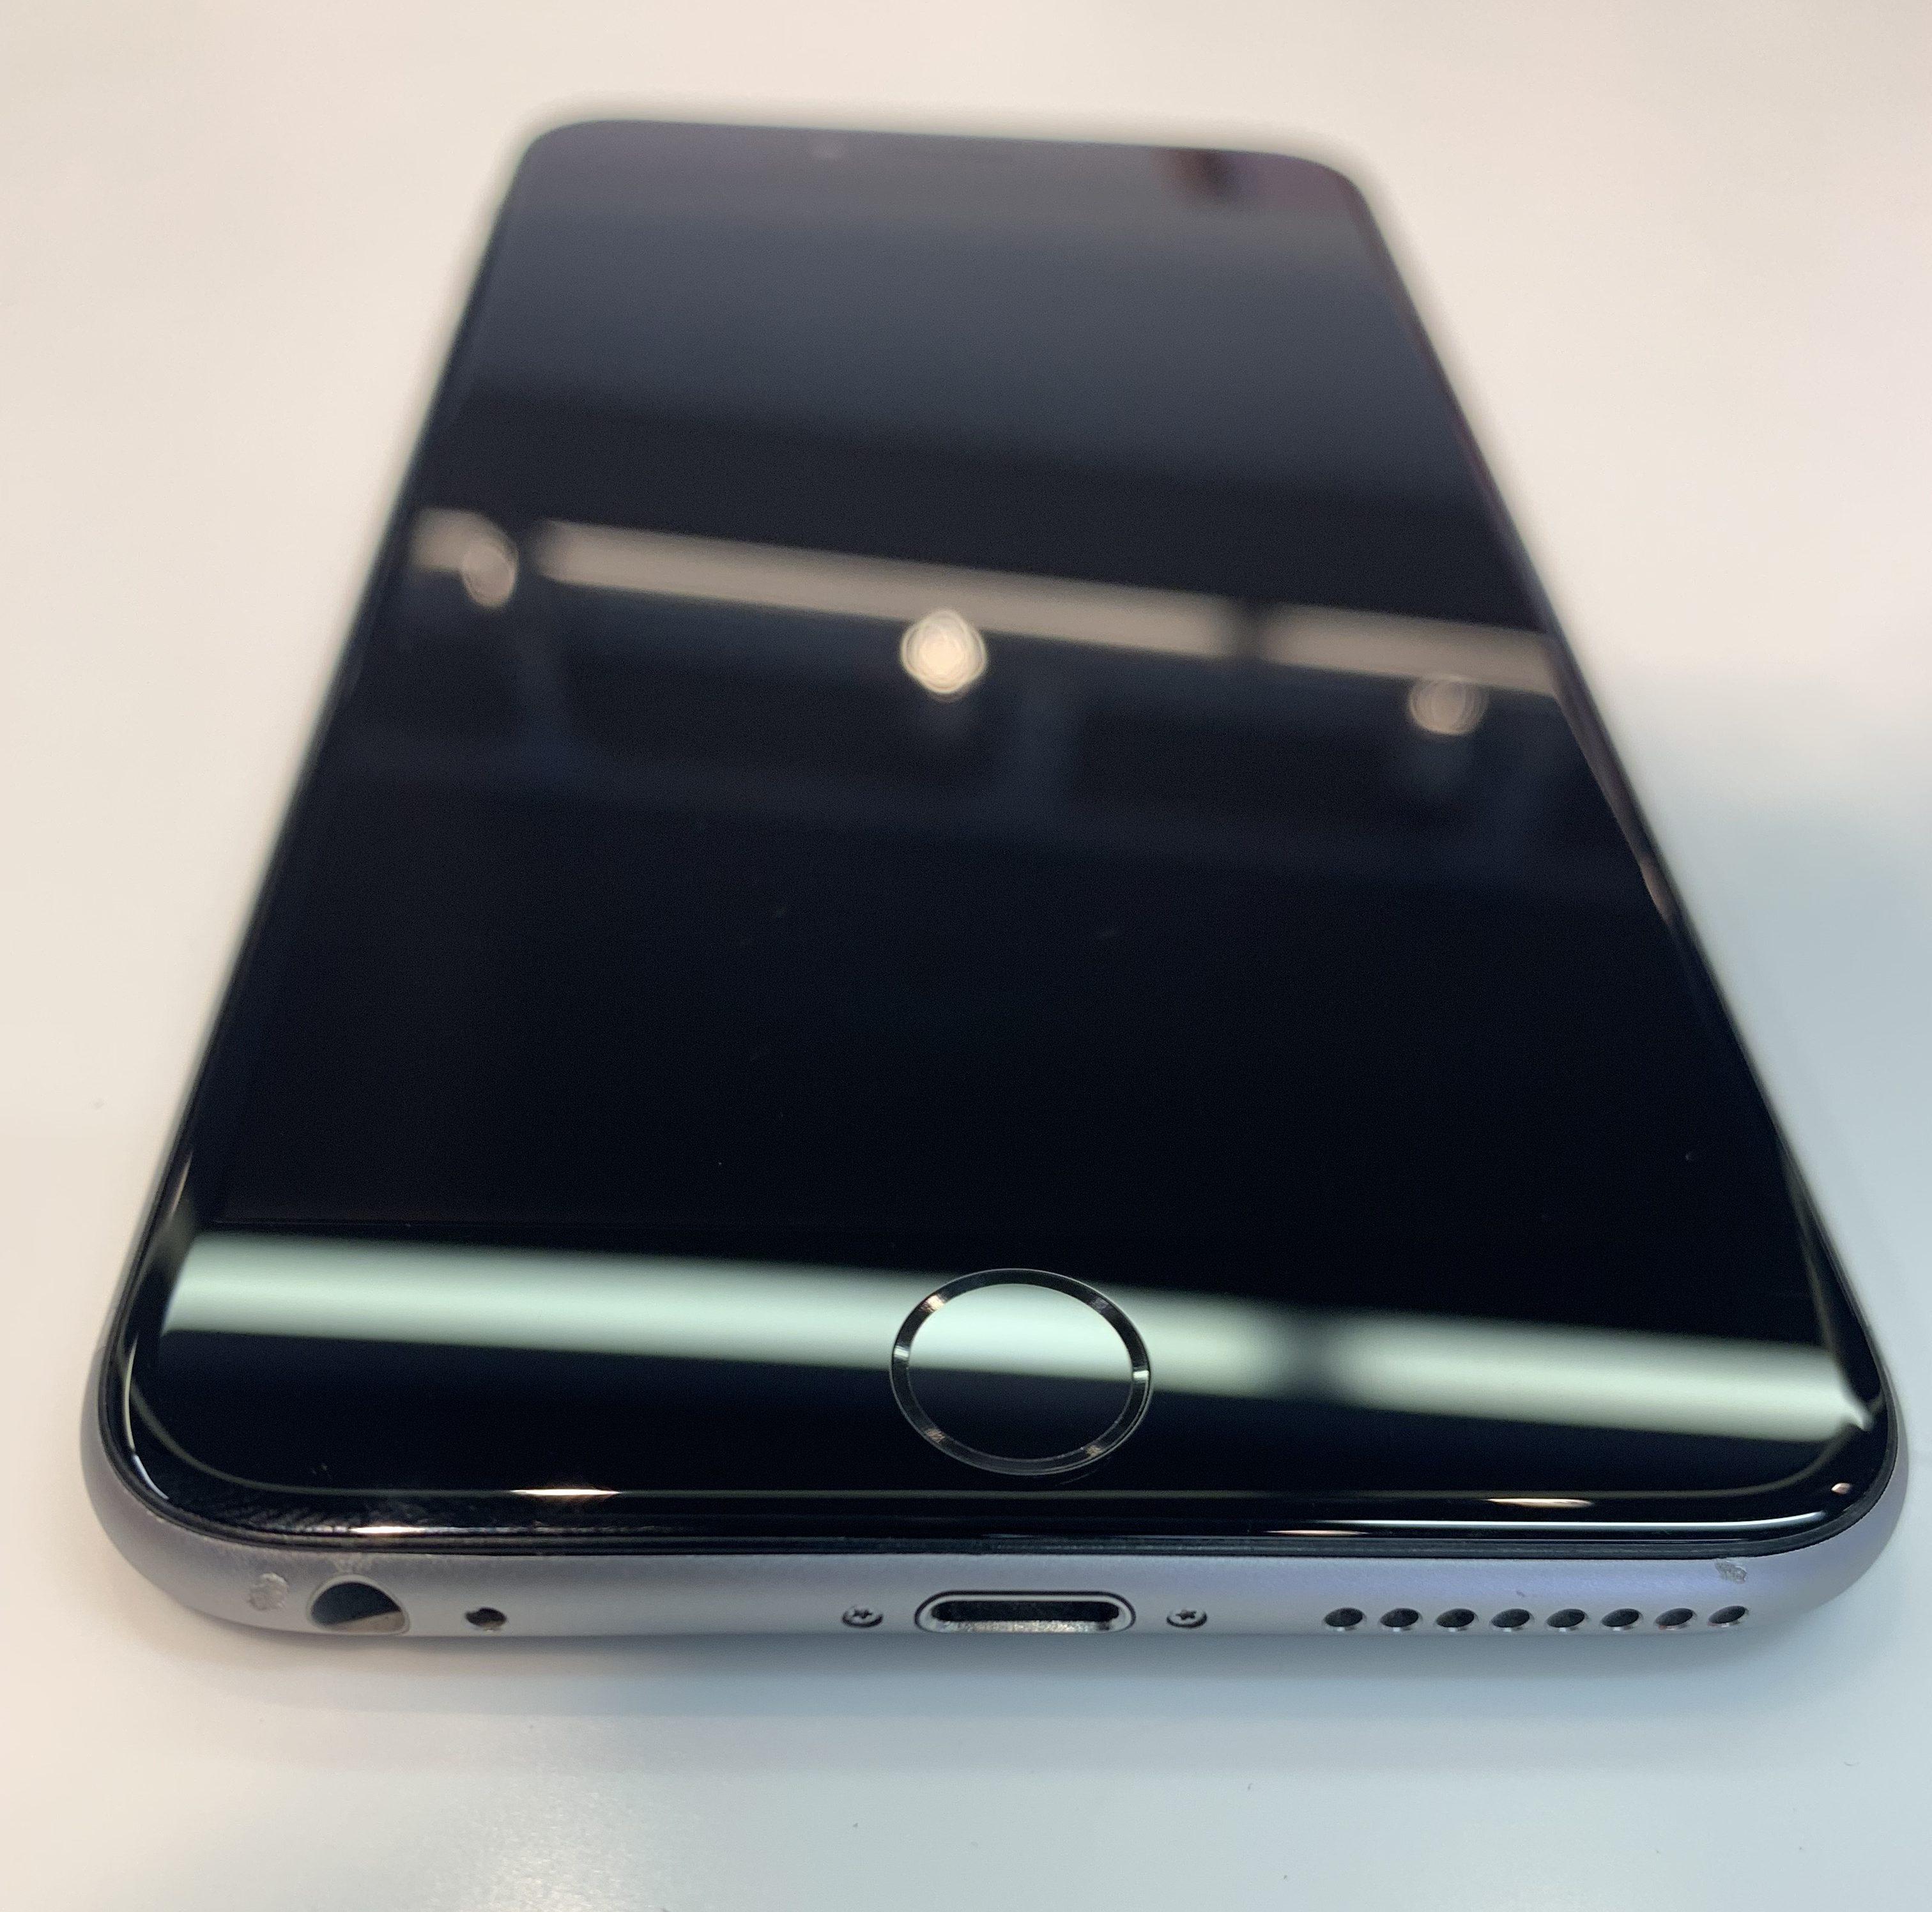 iPhone 6 Plus 16GB, 16 GB, Space Gray, imagen 8